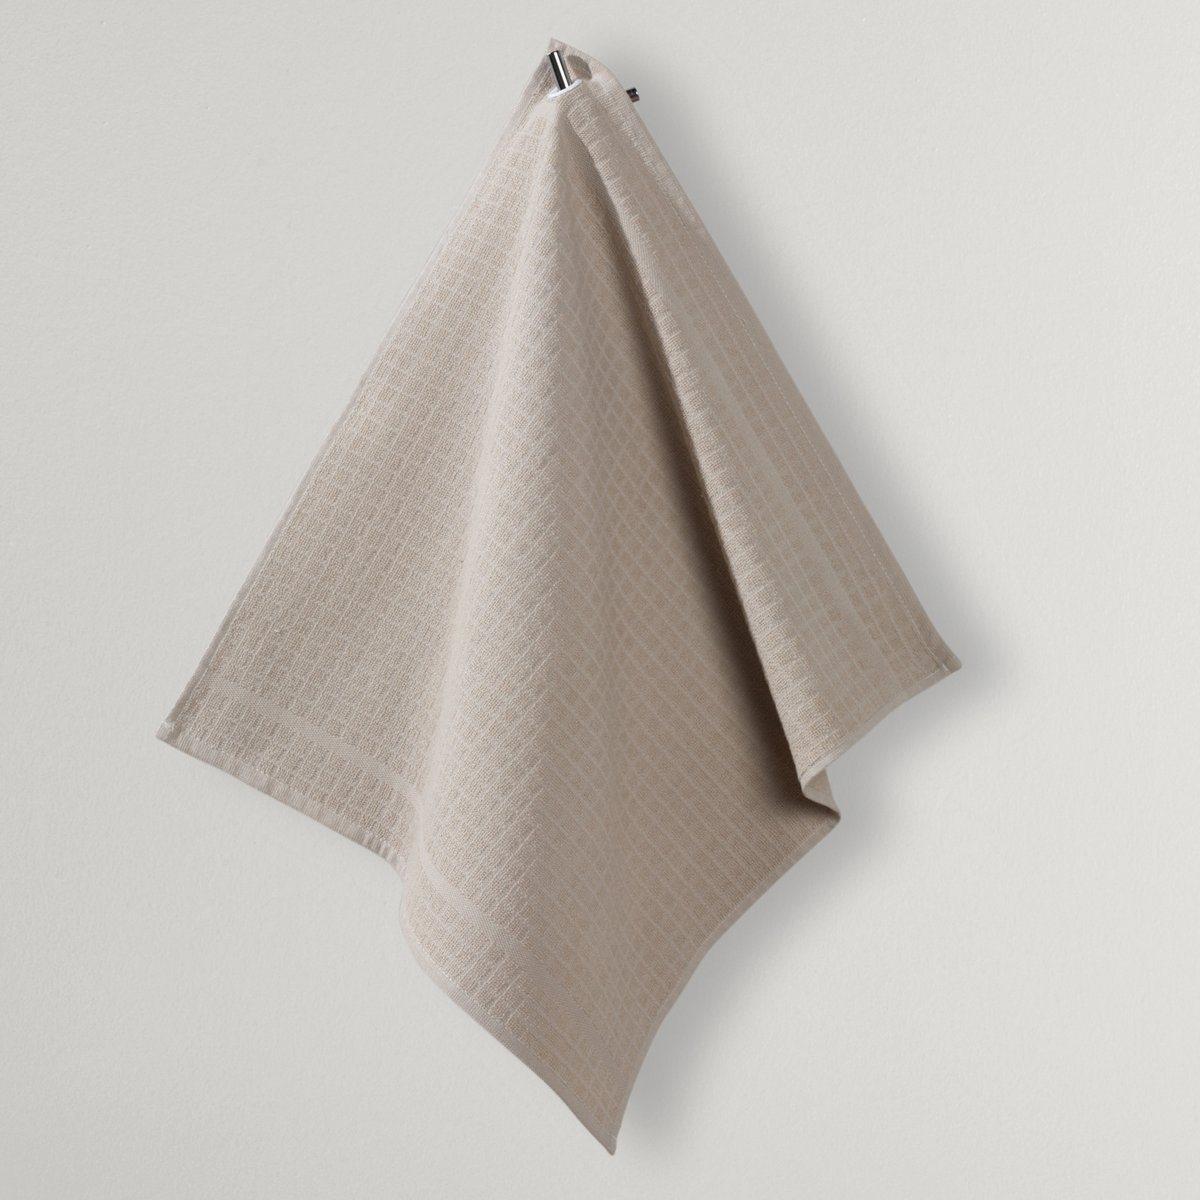 Полотенце для рукПолотенце для рук. Из прочной махровой ткани в клетку, 100% хлопка. С люверсом. Стирка при 60°. Размер: 50 х 50 см.<br><br>Цвет: серо-бежевый